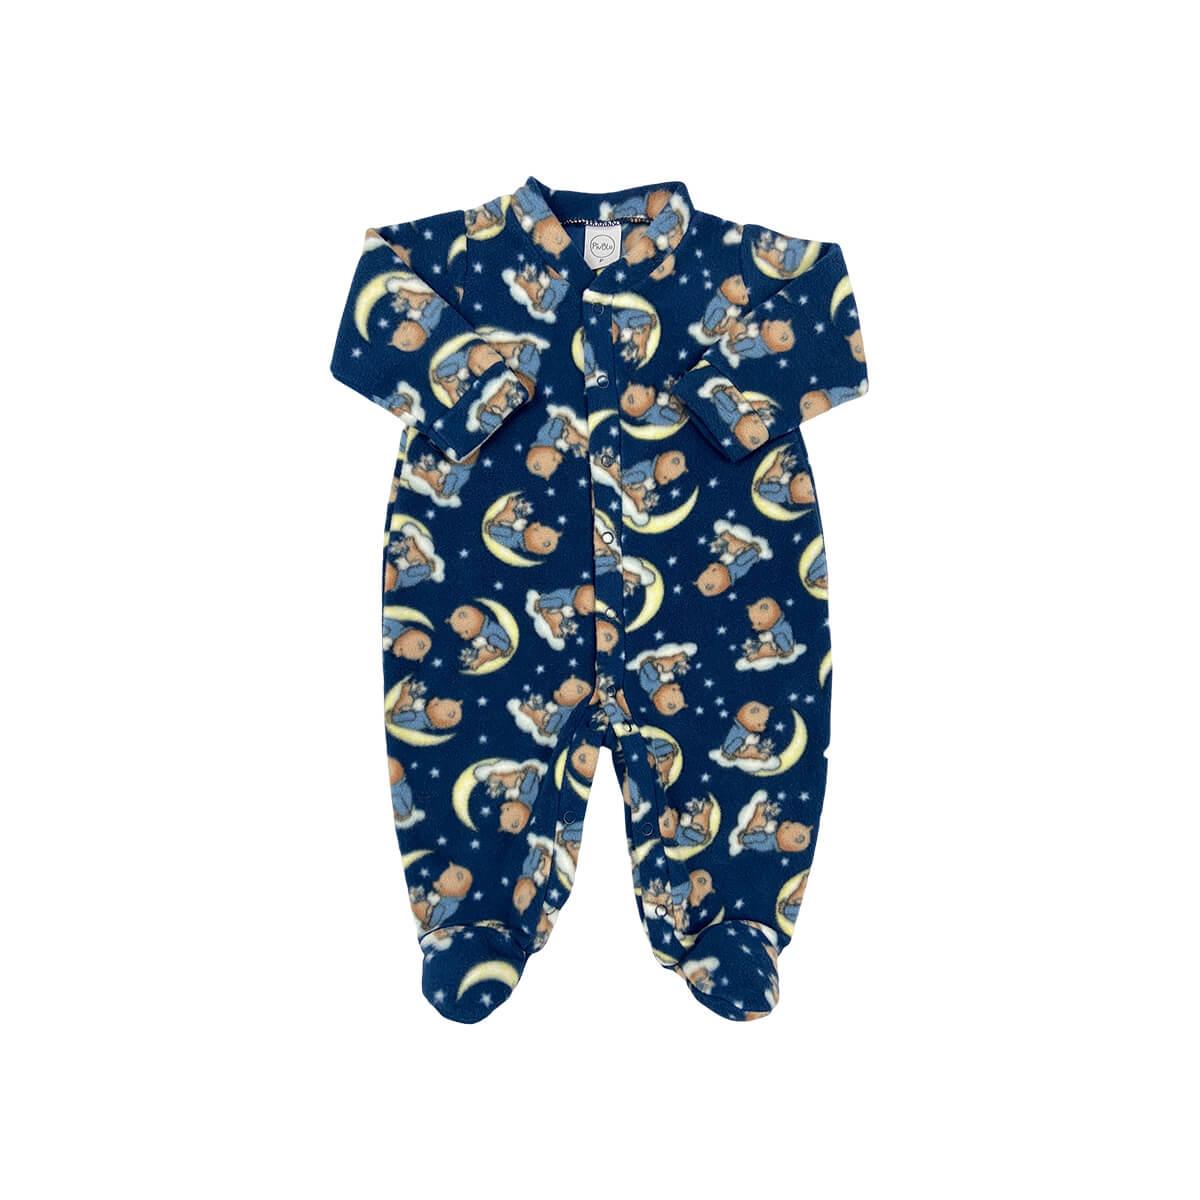 Macacão Soft Luar Marinho - Todos os tamanhos com pezinho  - Piu Blu